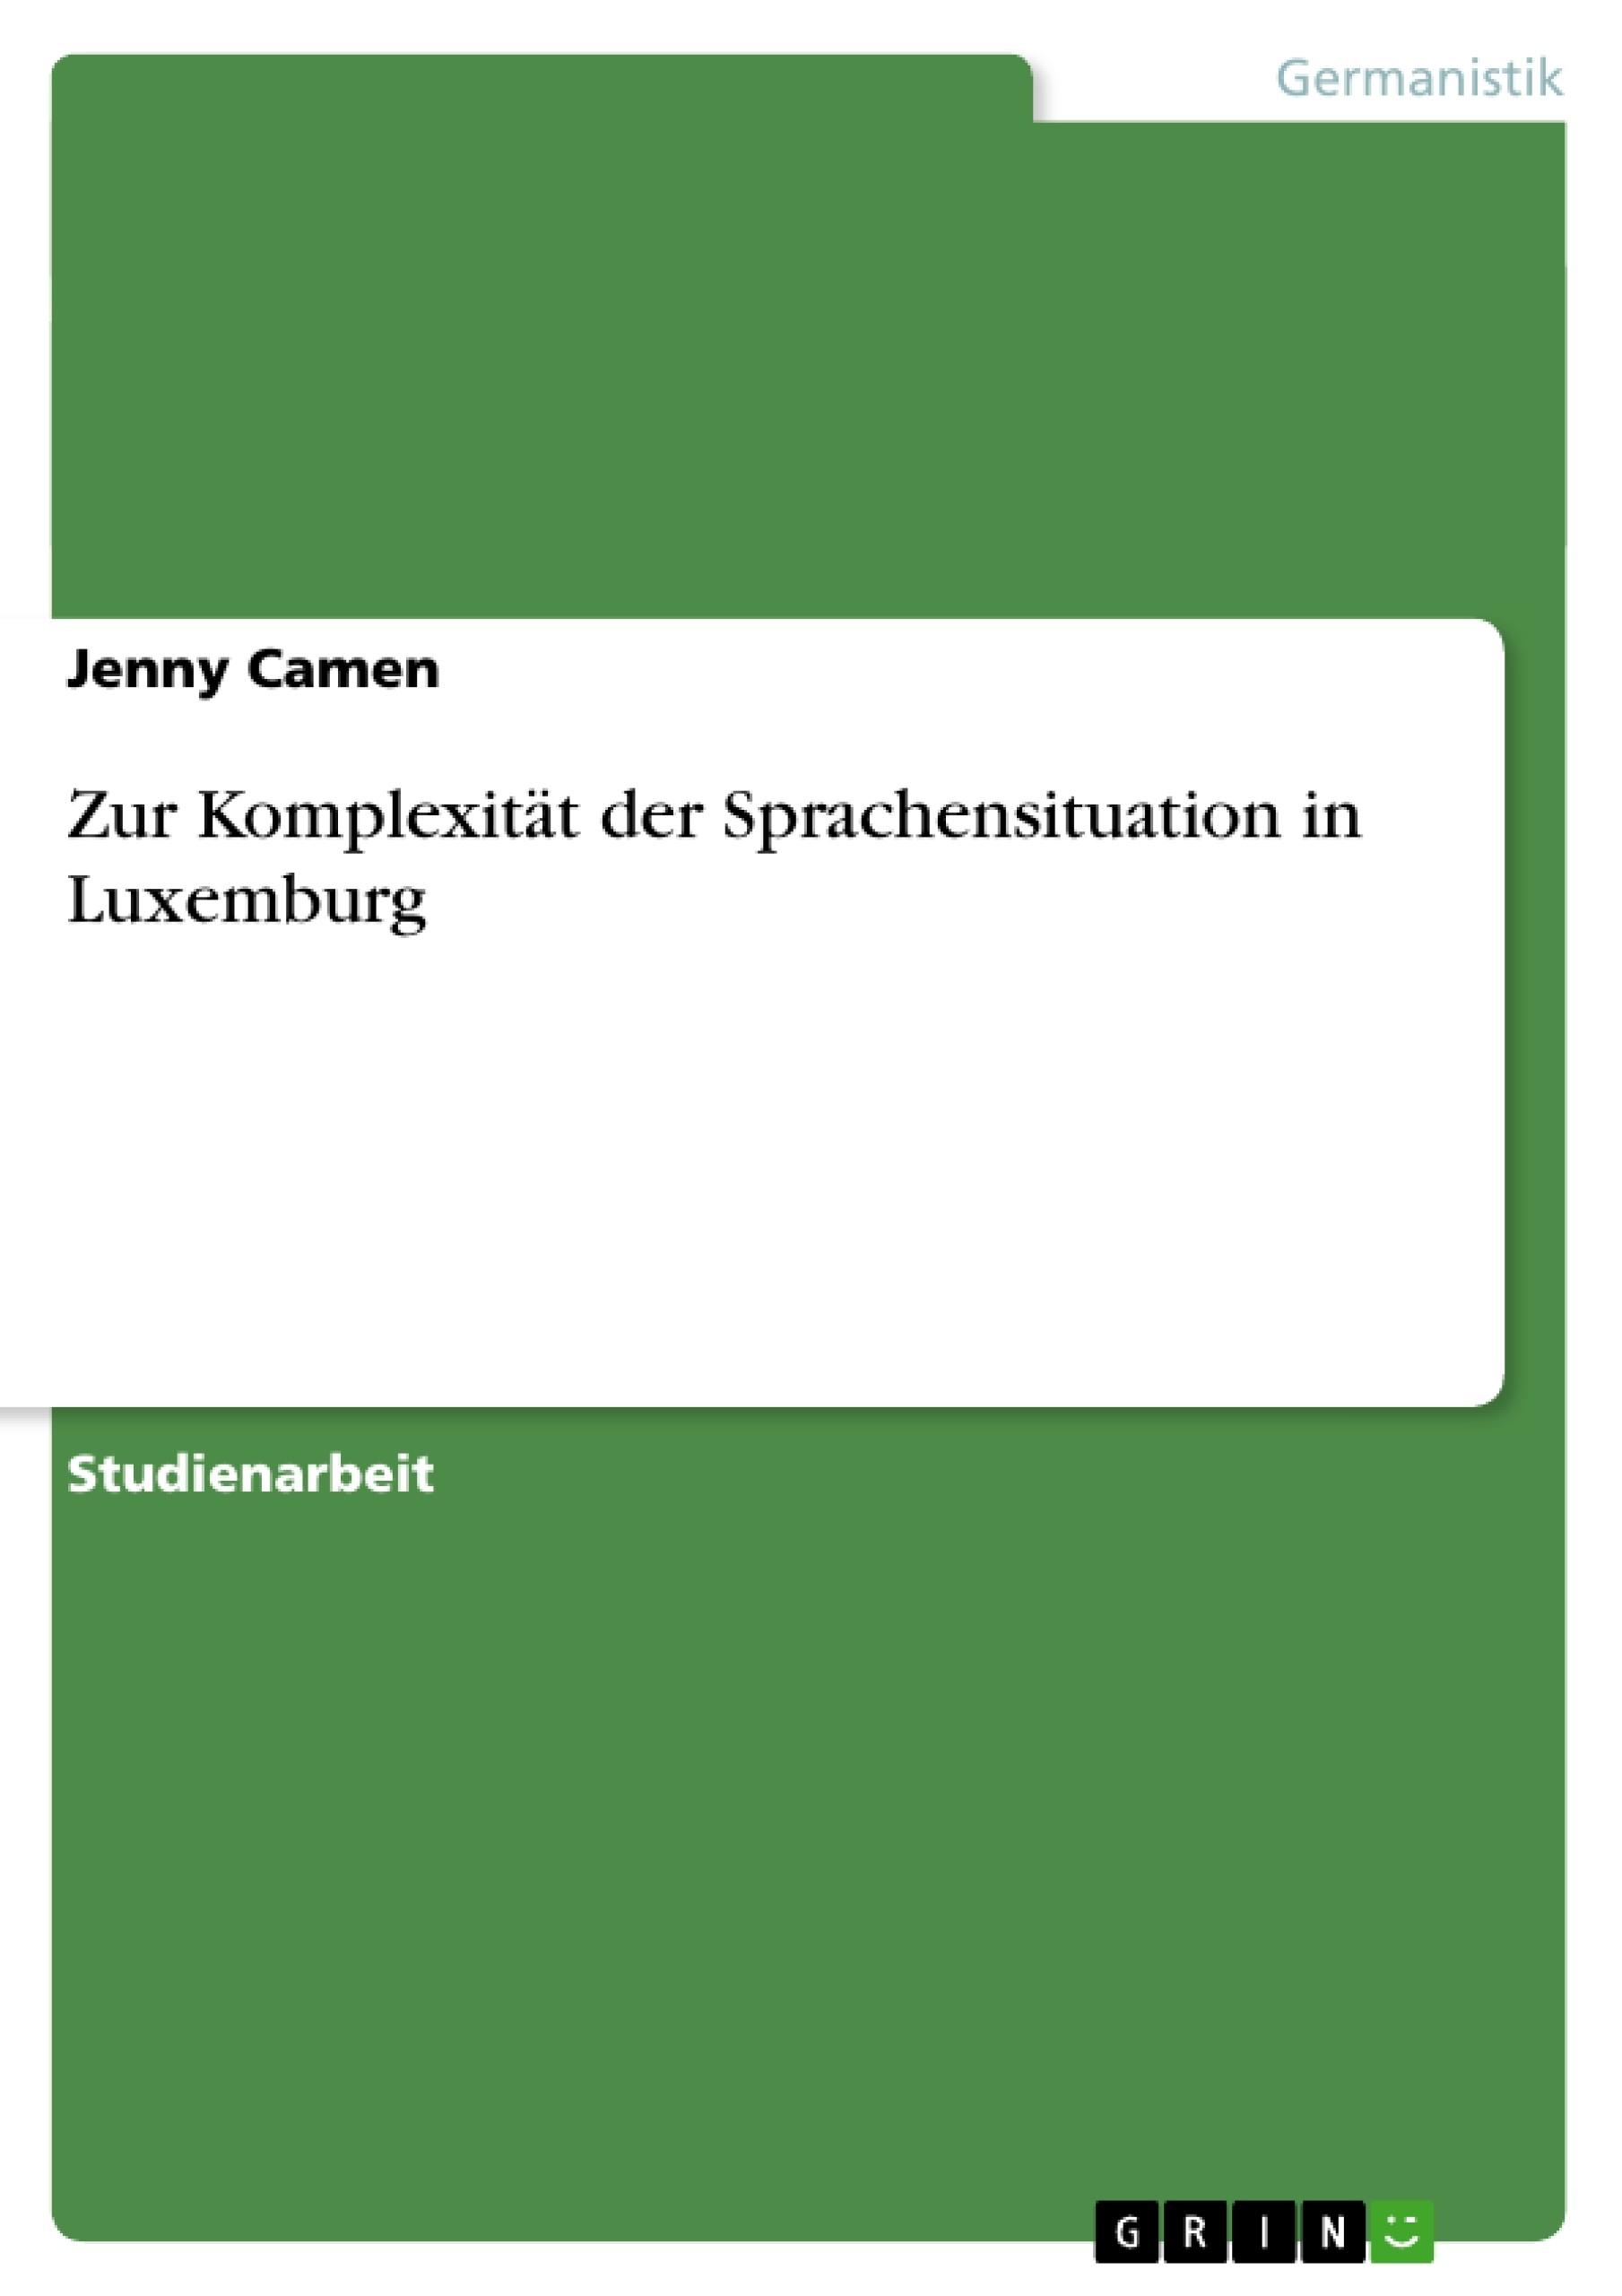 Titel: Zur Komplexität der Sprachensituation in Luxemburg